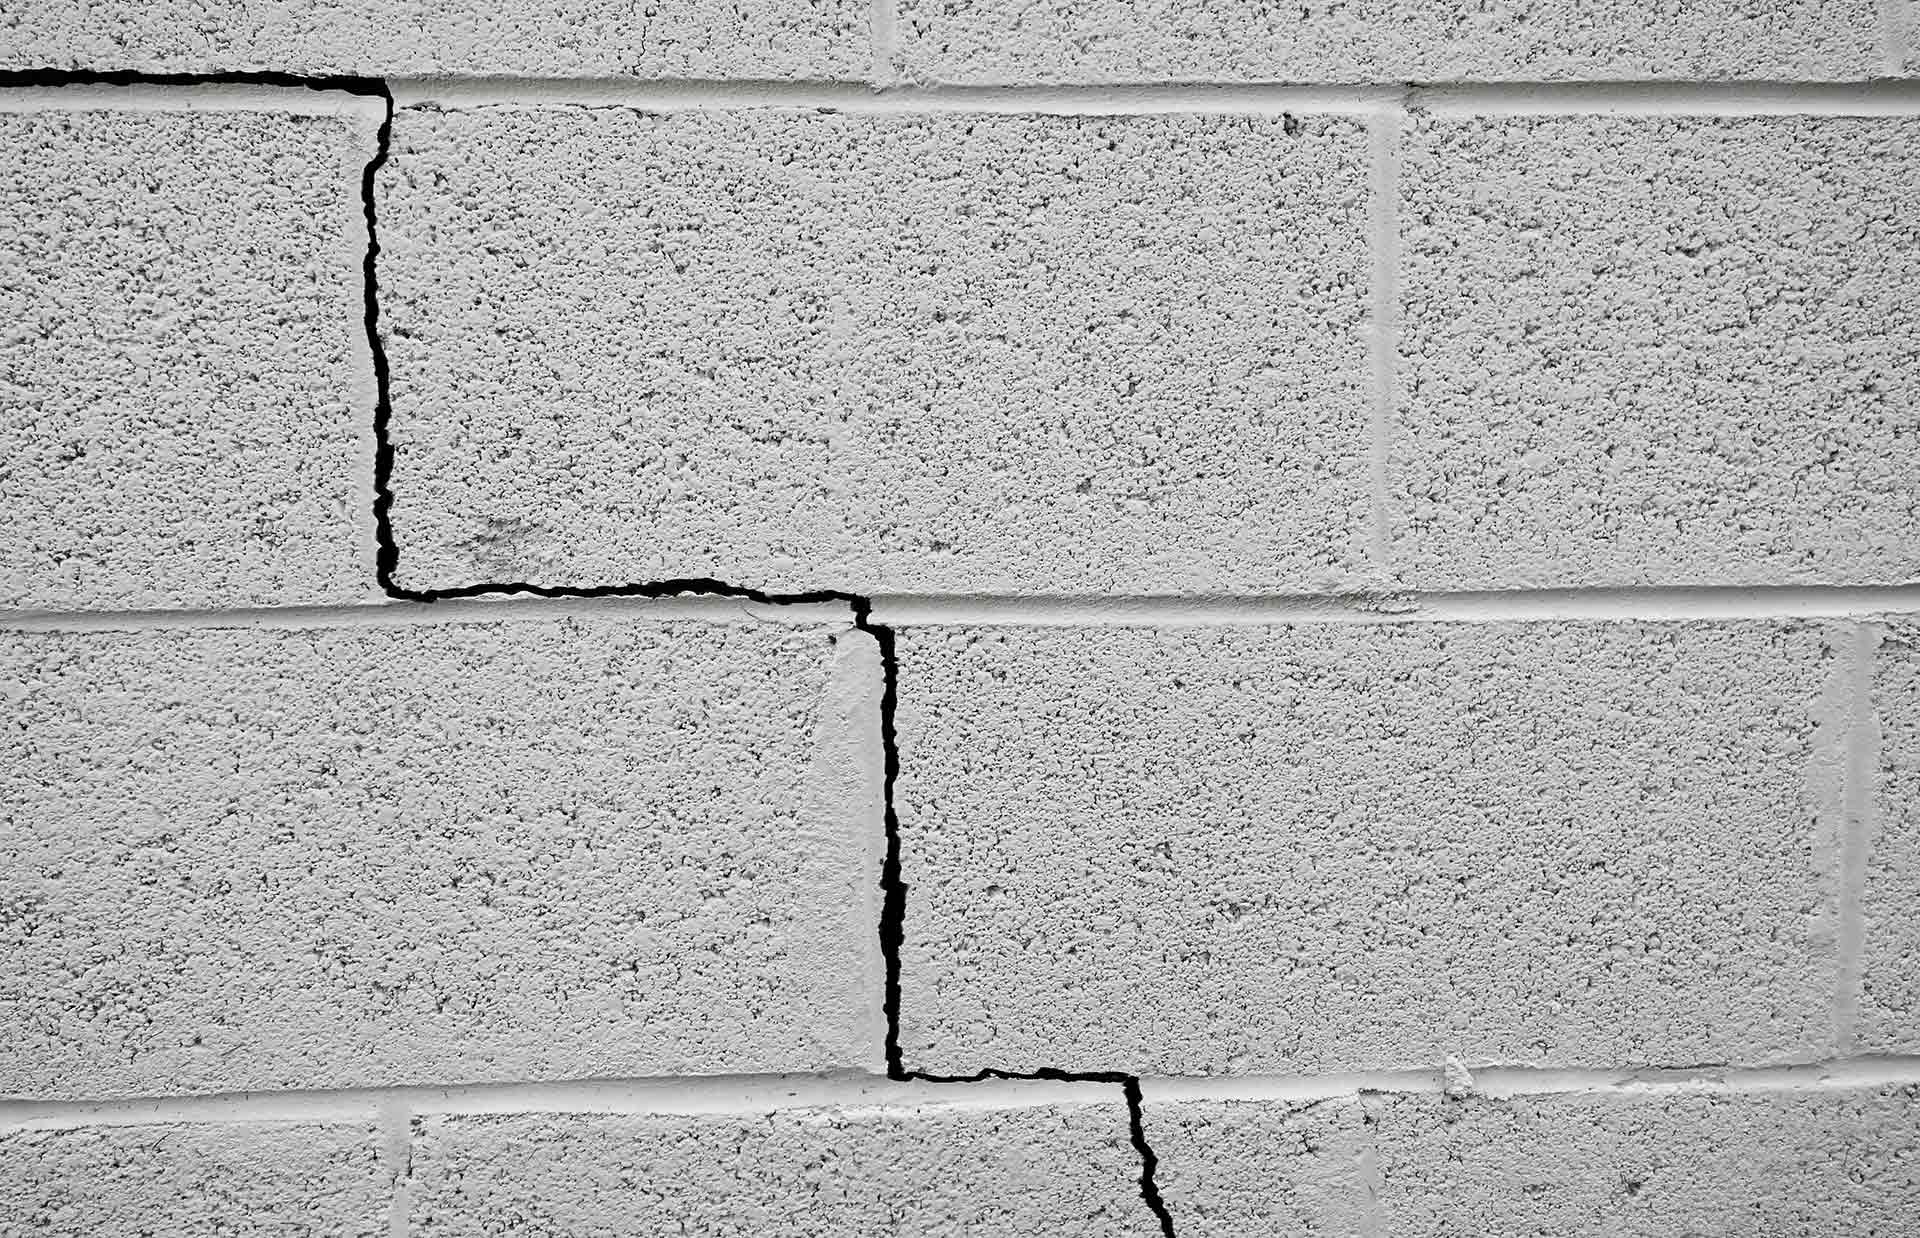 stair step cinderblock wall crack